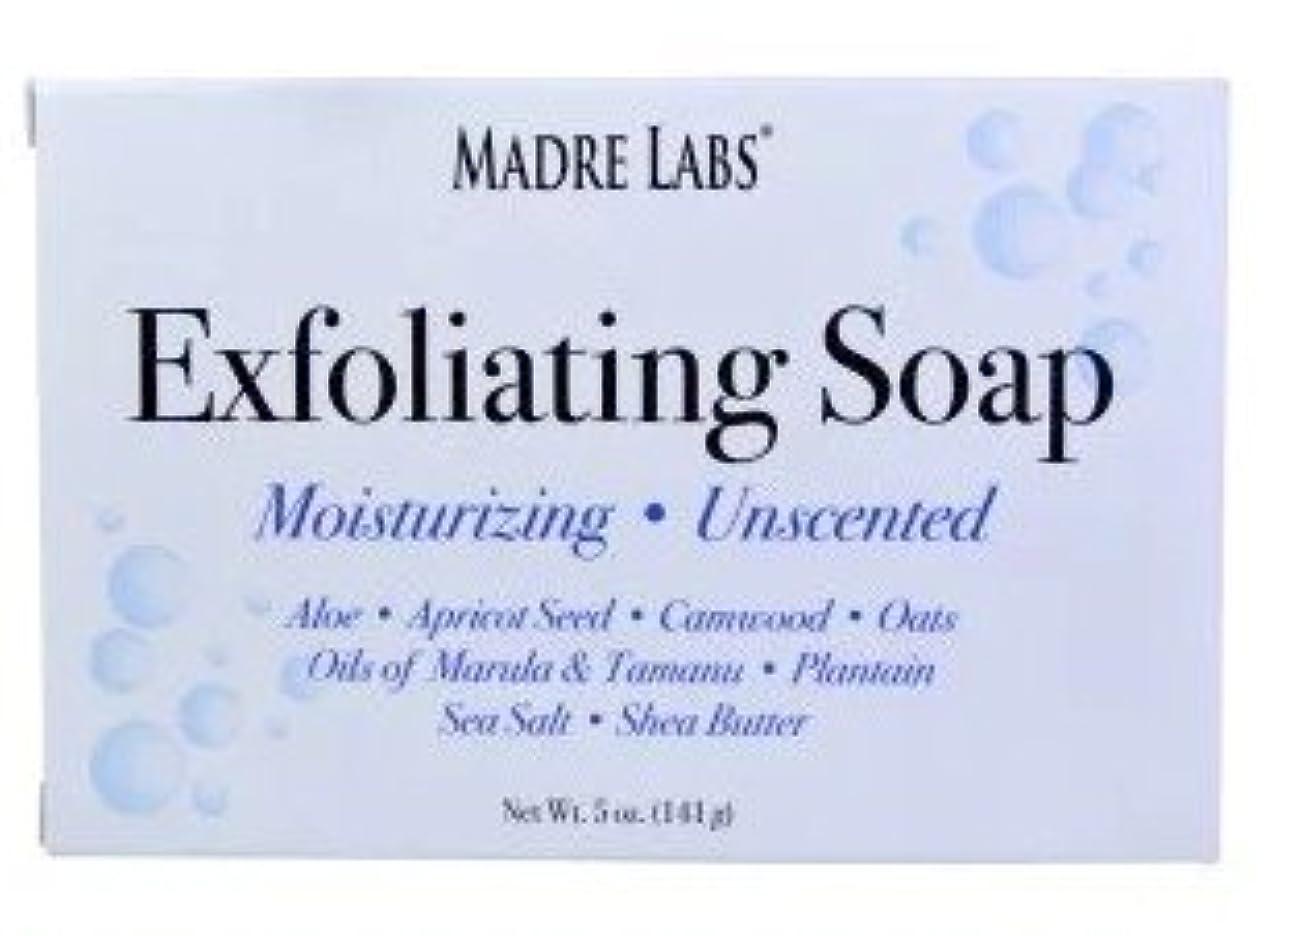 着替えるヒロイン六月マドレラブ シアバター入り石鹸 Madre Labs Exfoliating Soap Bar with Marula & Tamanu Oils plus Shea Butter [並行輸入品]